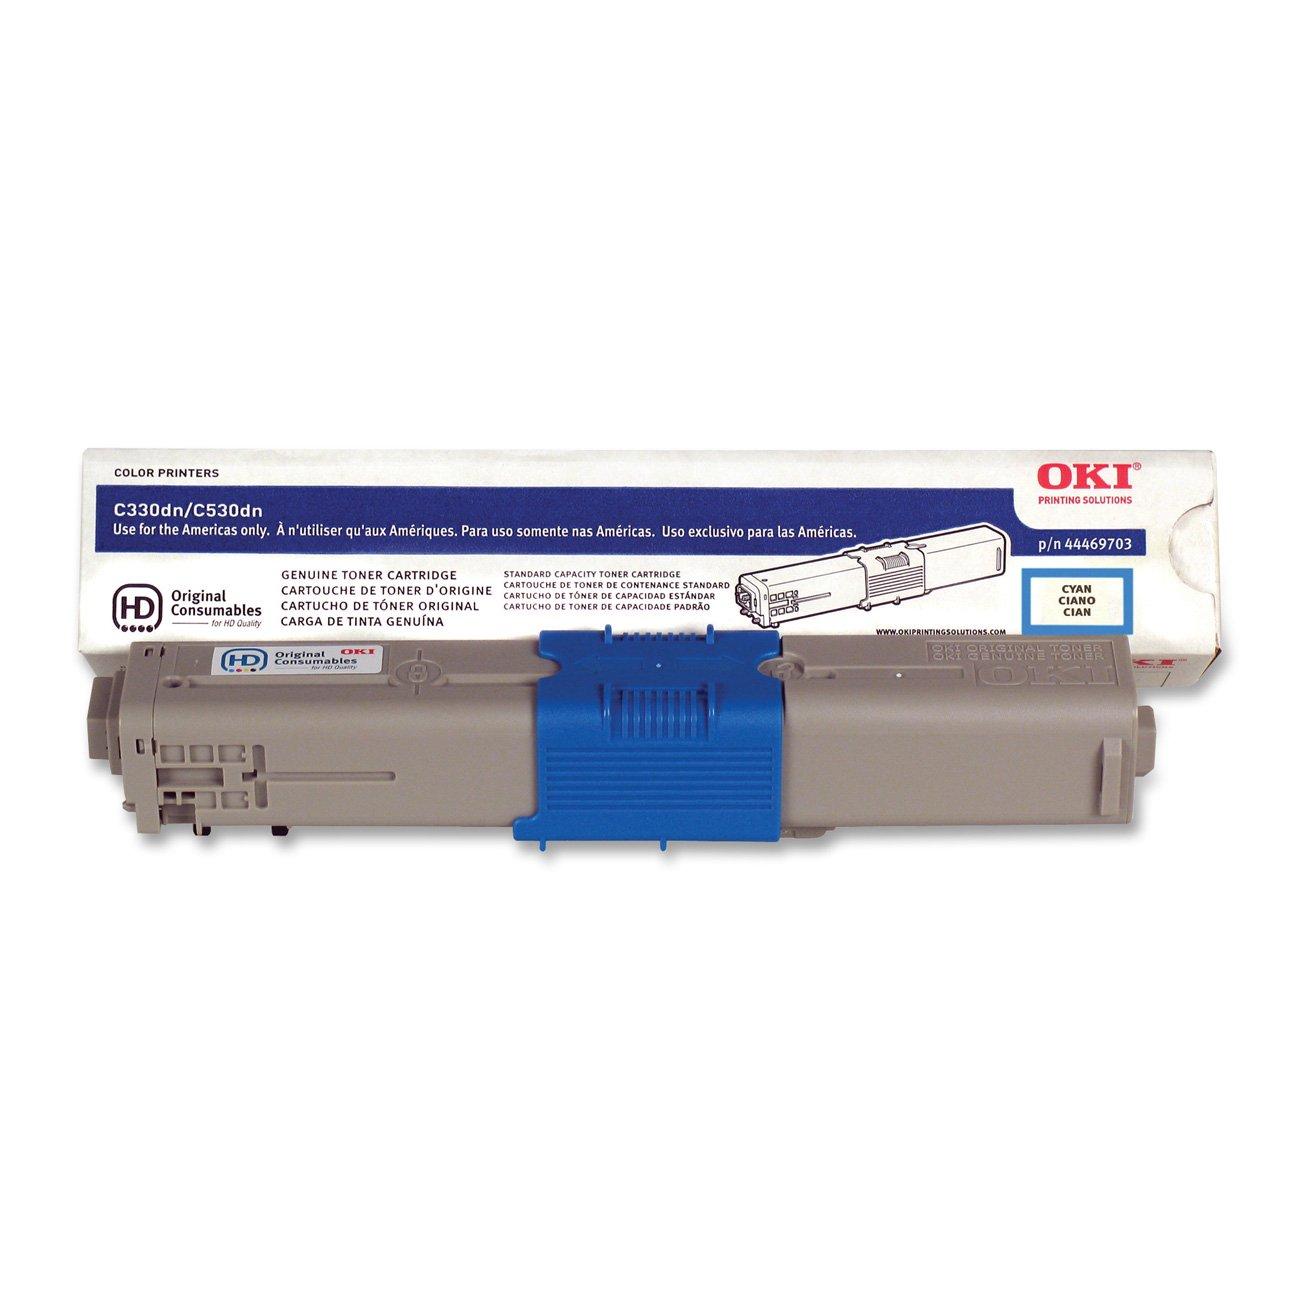 Oki Data C330/530 Yellow Toner Cart Type C17 (3K) Okidata 44469701 COUOKI44469701 Printer & Plotter Supplies